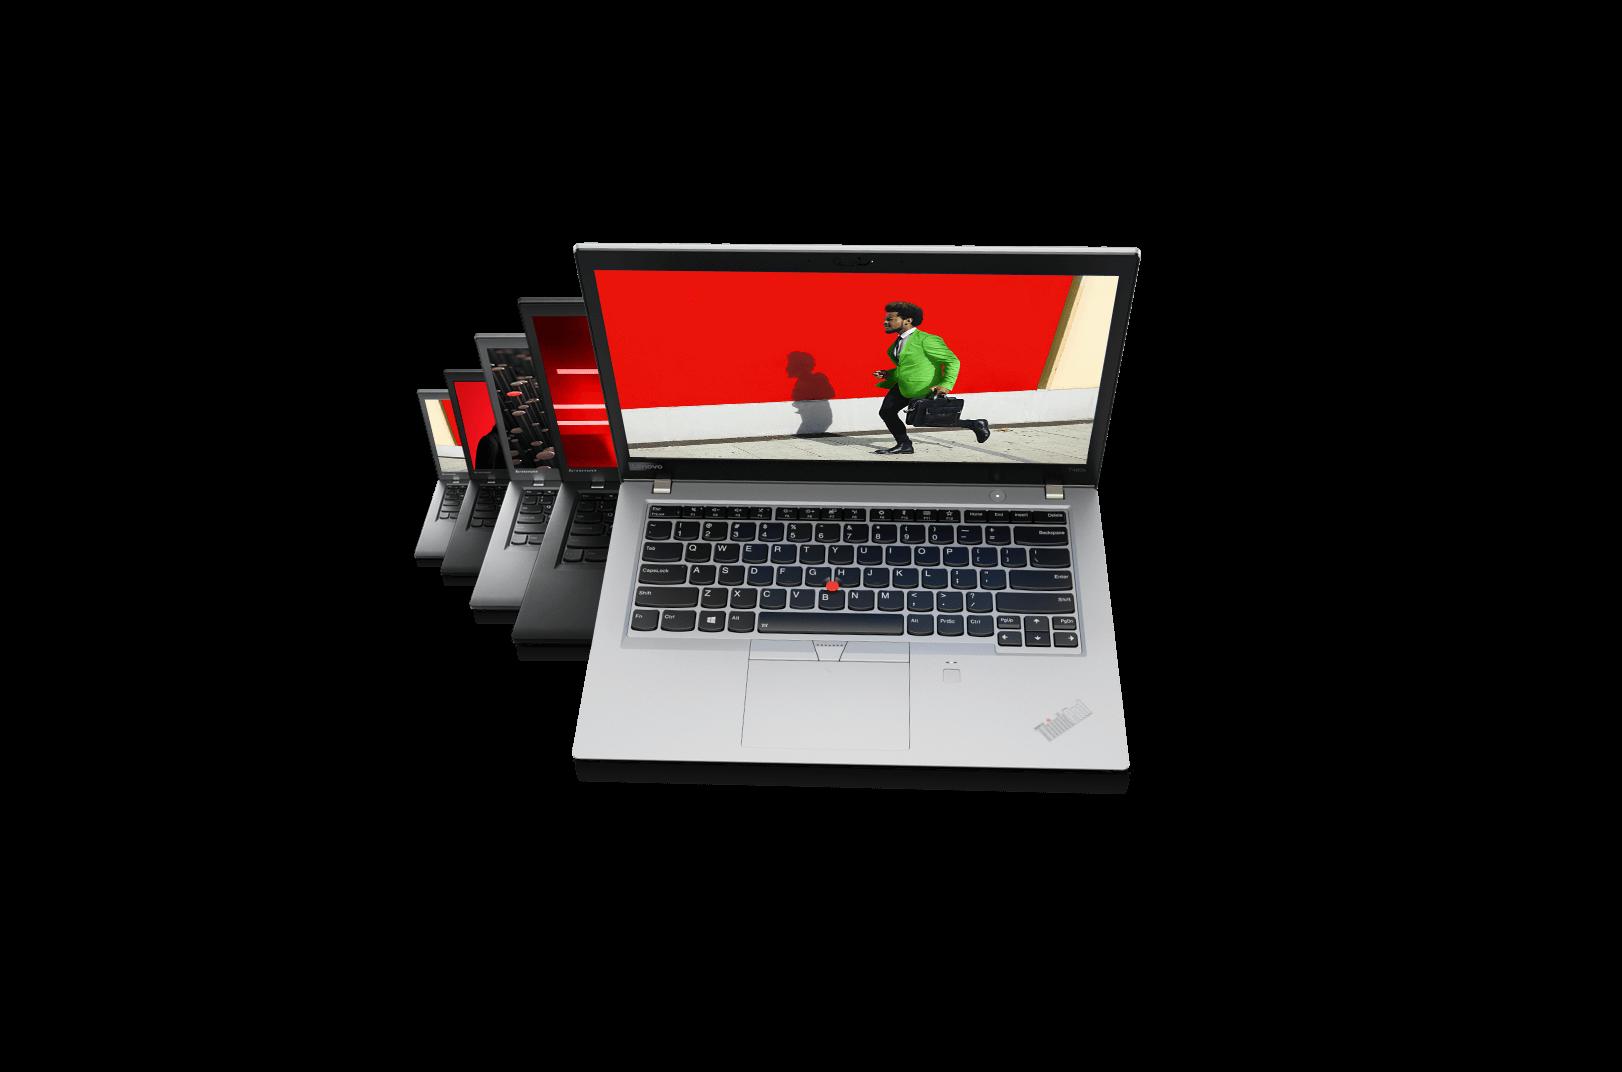 Cinq portables Lenovo ThinkPad série T l'un derrière l'autre, chacun ouvert à environ 75 degrés, en alternance